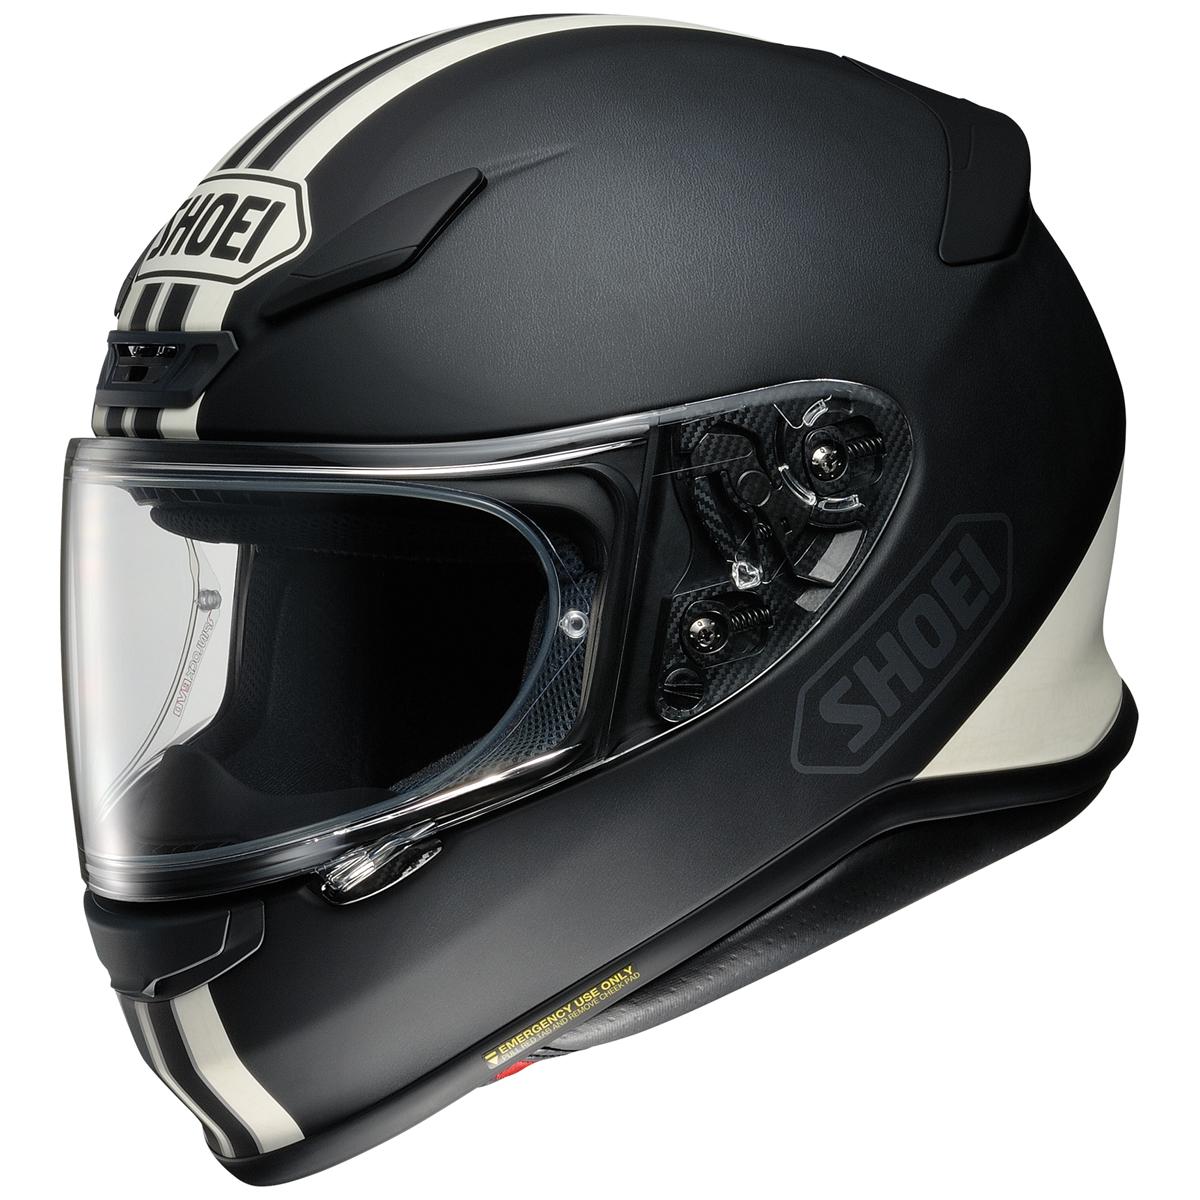 Shoei RF-1200 Equate Matte Black/White Full Face Helmet